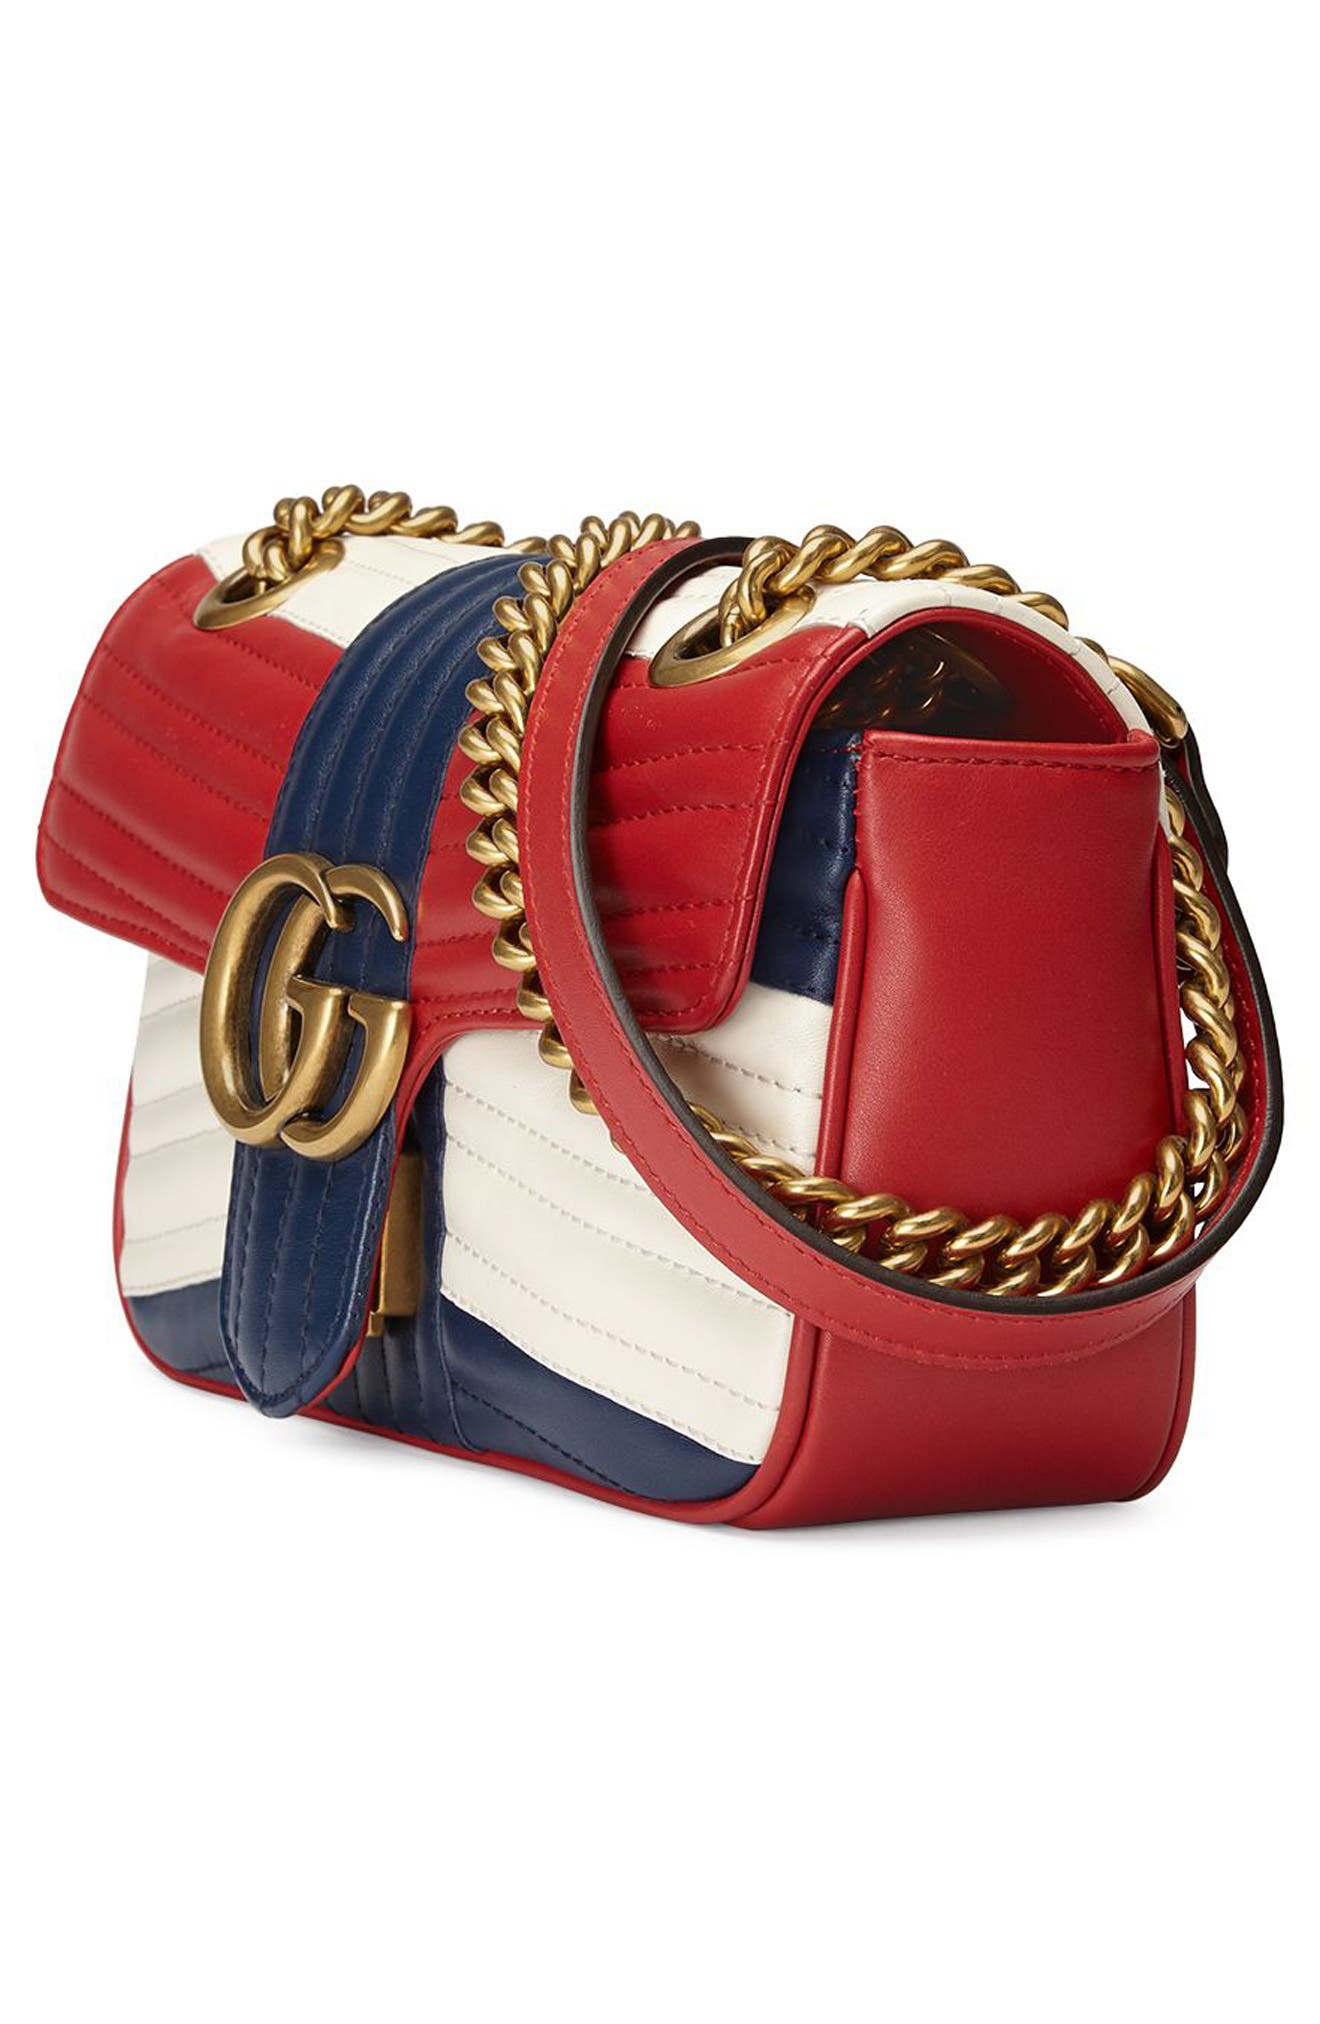 Mini GG Marmont 2.0 Tricolor Matelassé Leather Shoulder Bag,                             Alternate thumbnail 4, color,                             625